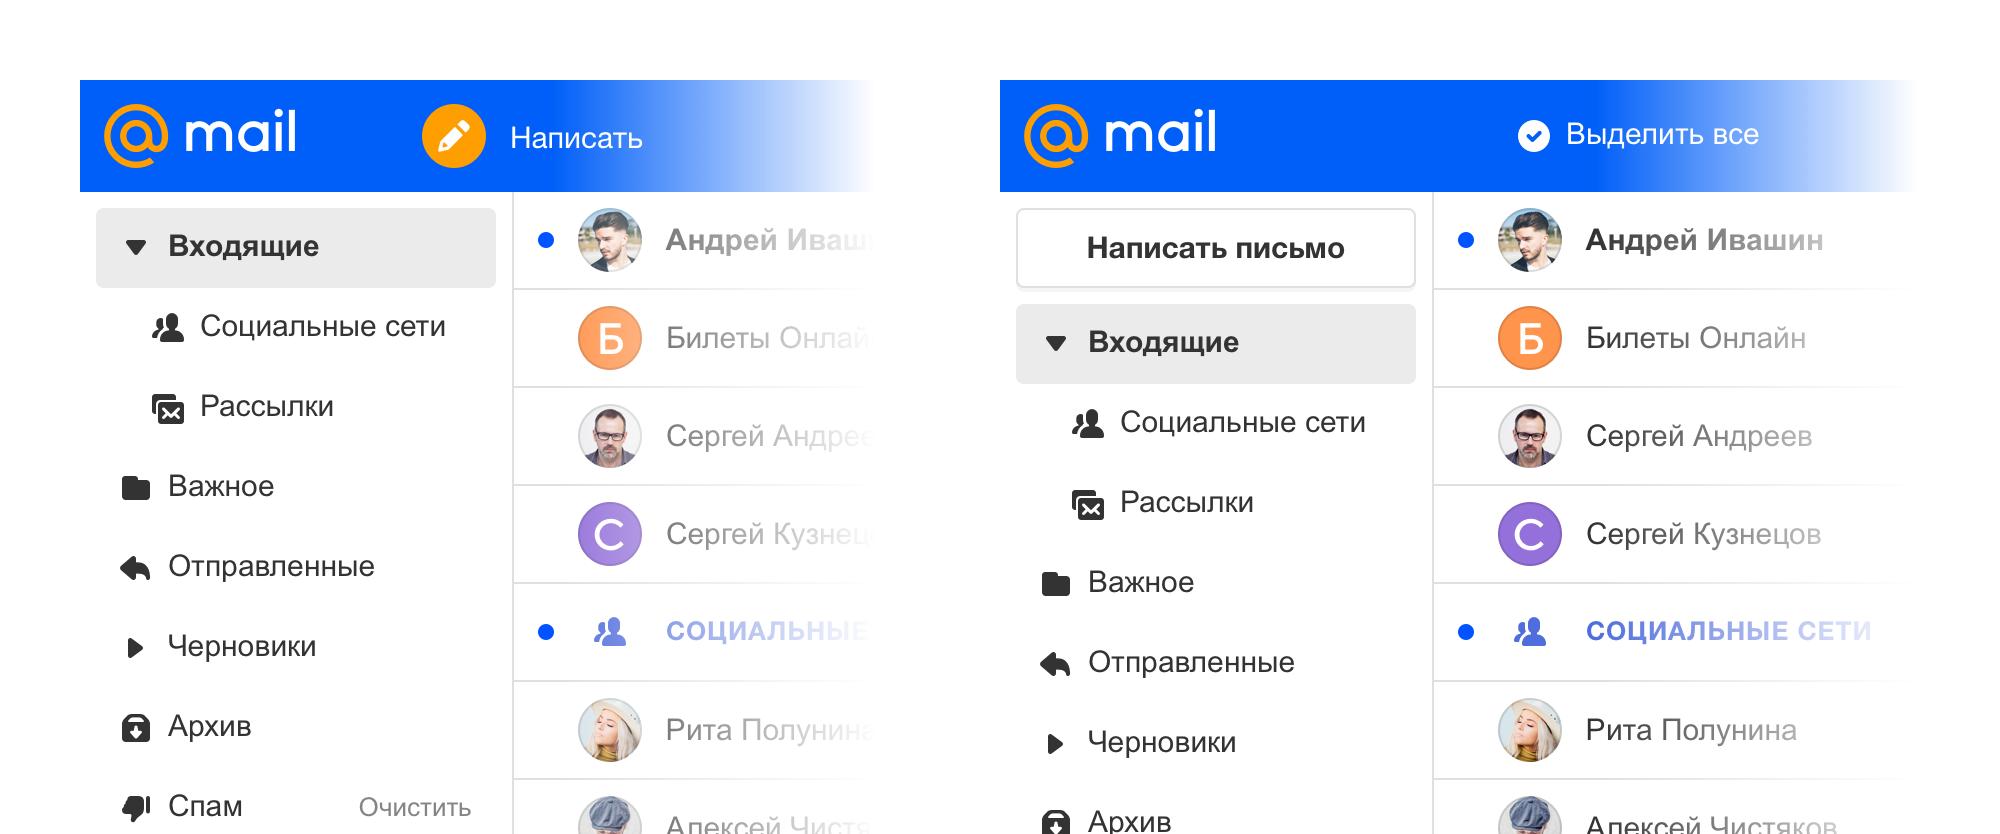 Новая Почта Mail.ru и при чем тут осьминог - 37